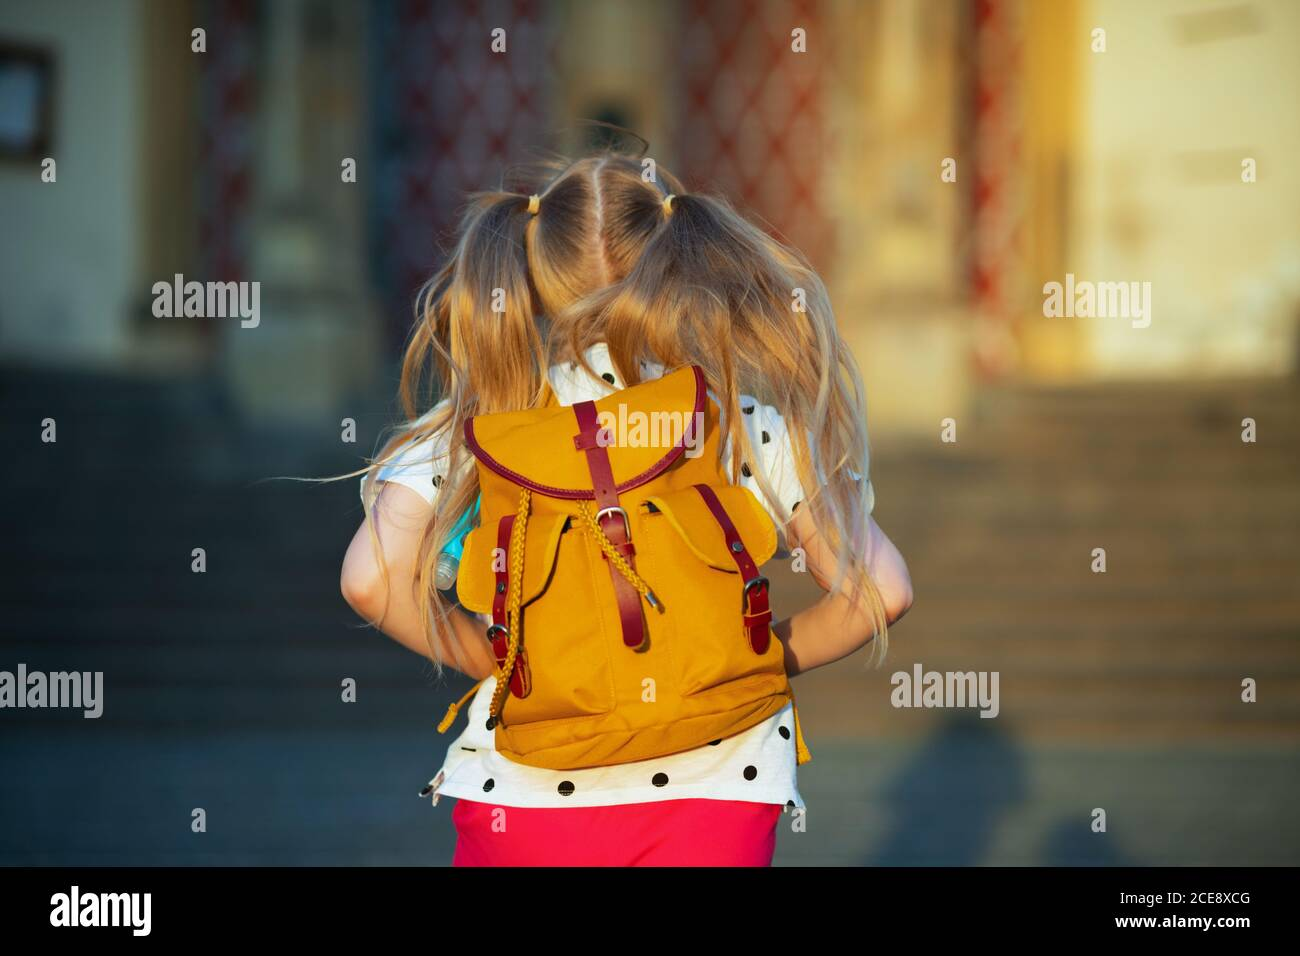 La vida durante la pandemia de covid-19. Visto desde detrás de la niña en blanco polka punto blusa con mochila amarilla yendo de la escuela fuera. Foto de stock